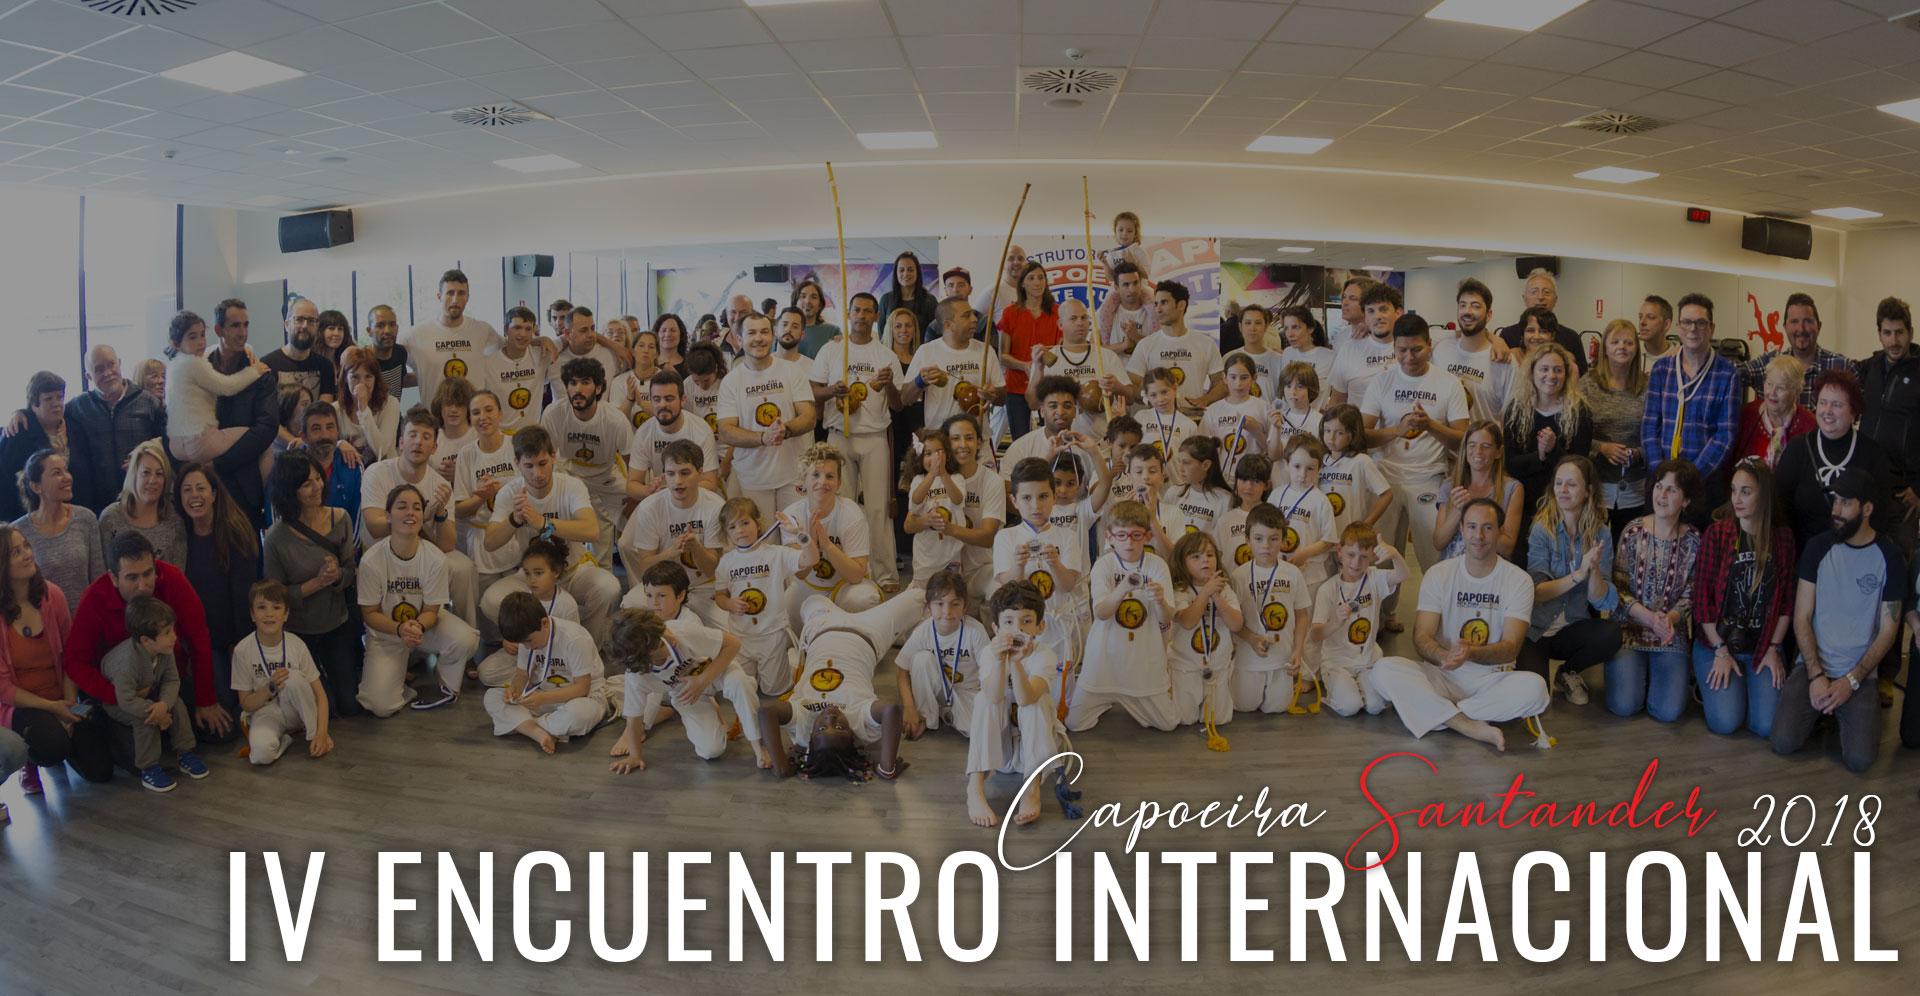 cabecera-pc-festivales-2018-arte-pura-santander-capoeira-cantabria